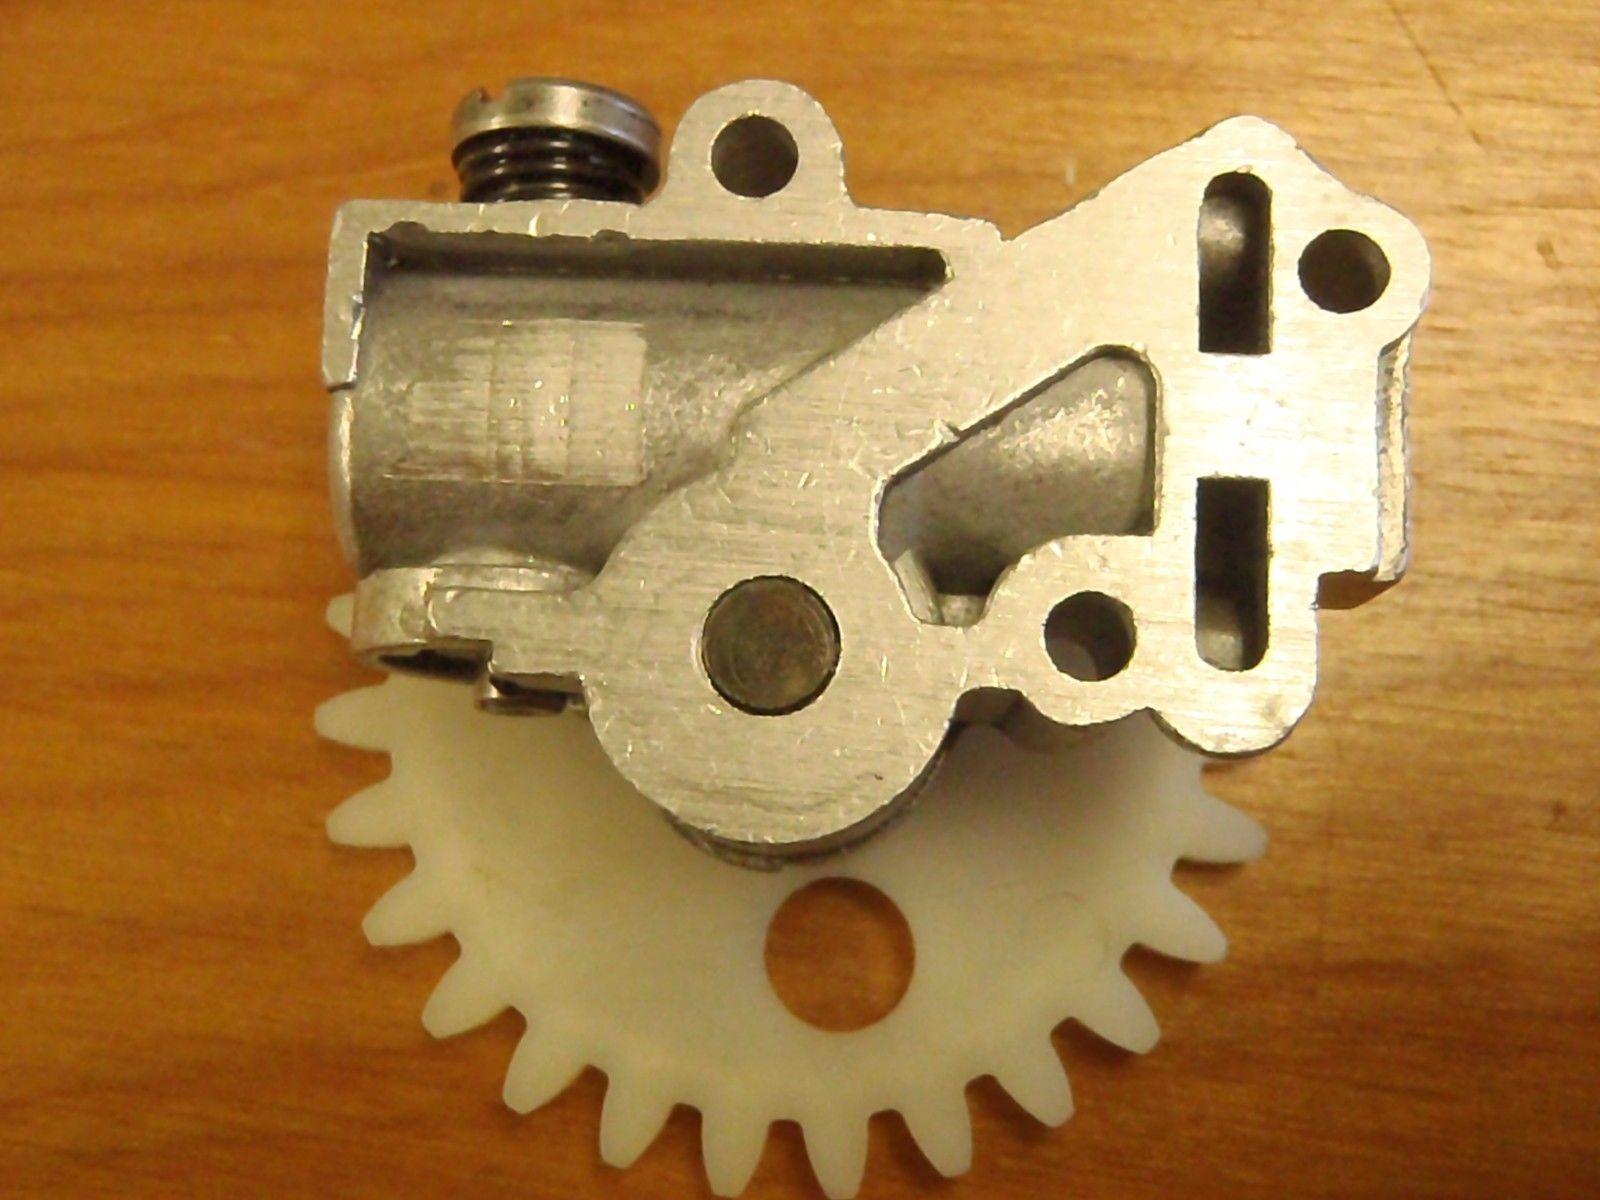 Caber 48mm x 1.5mm piston rings Italy fits old model Stihl 038 AV AVS